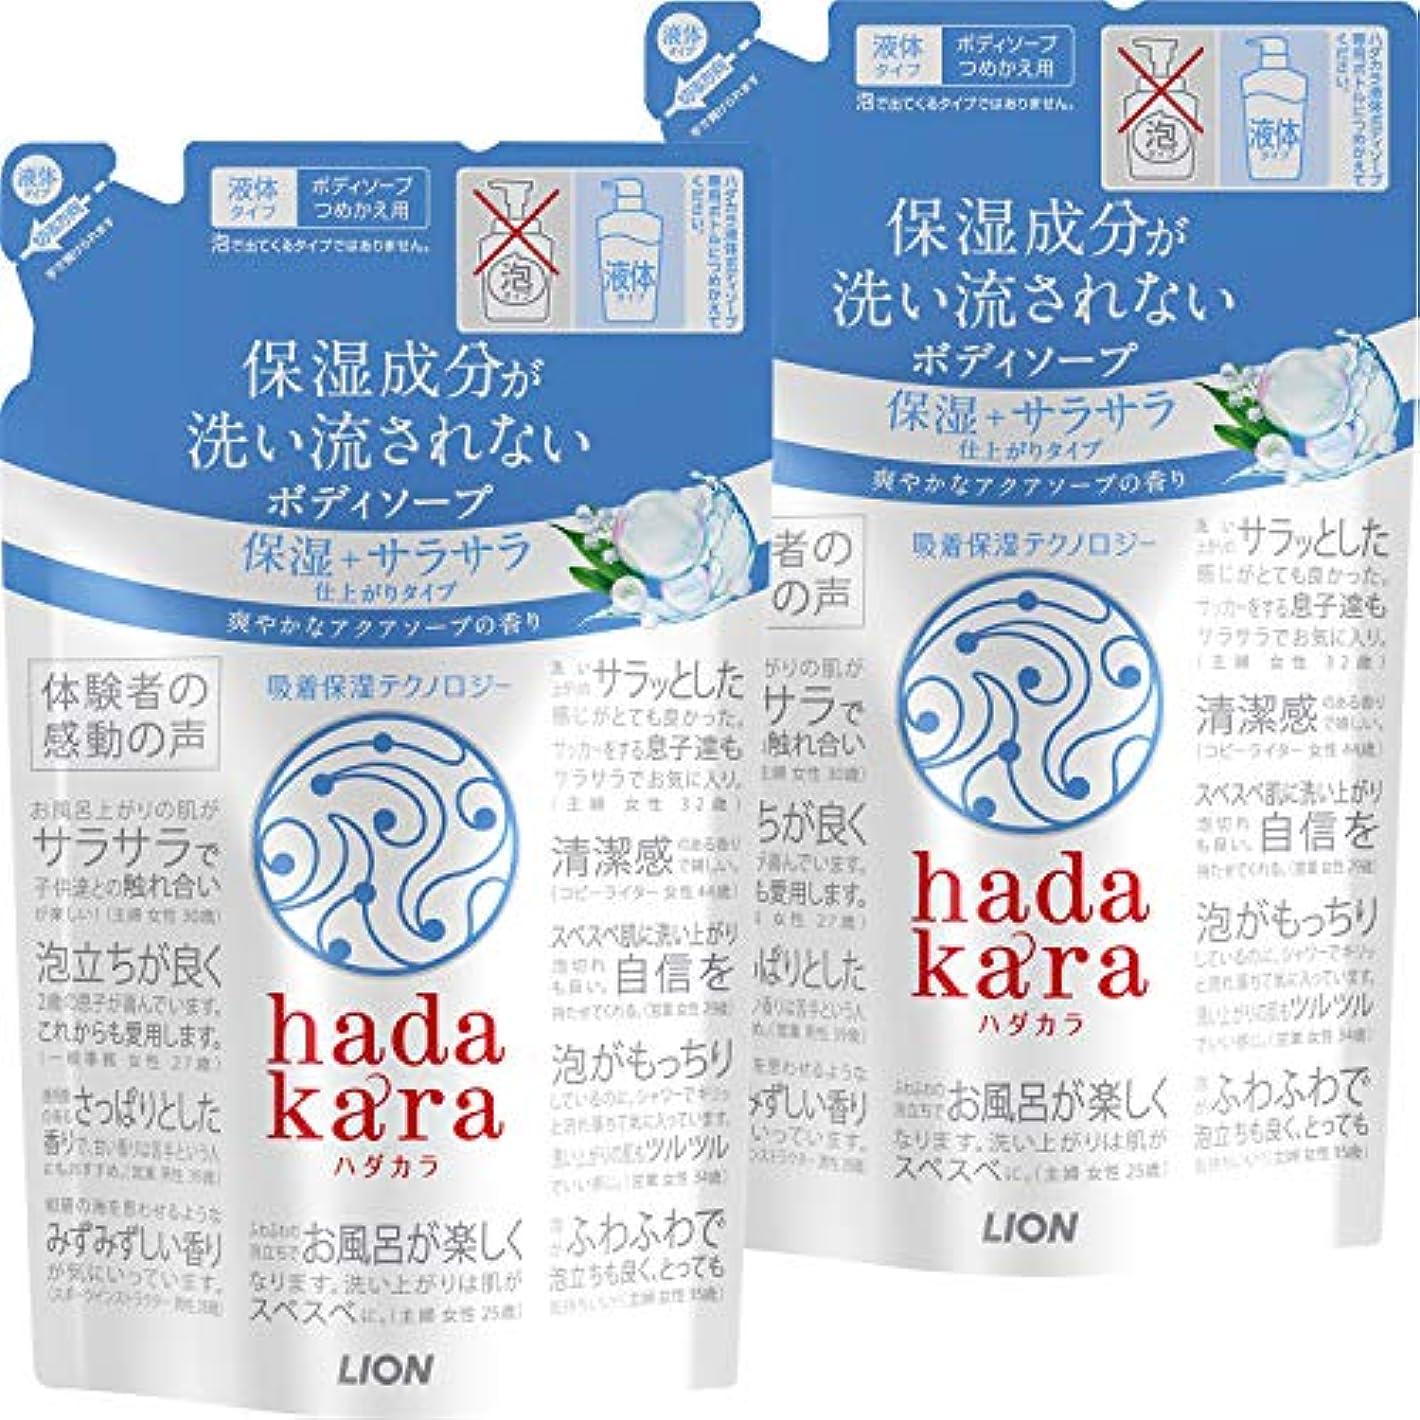 白菜すずめ政権【まとめ買い】hadakara(ハダカラ) ボディソープ 保湿+サラサラ仕上がりタイプ アクアソープの香り 詰め替え 340ml×2個パック